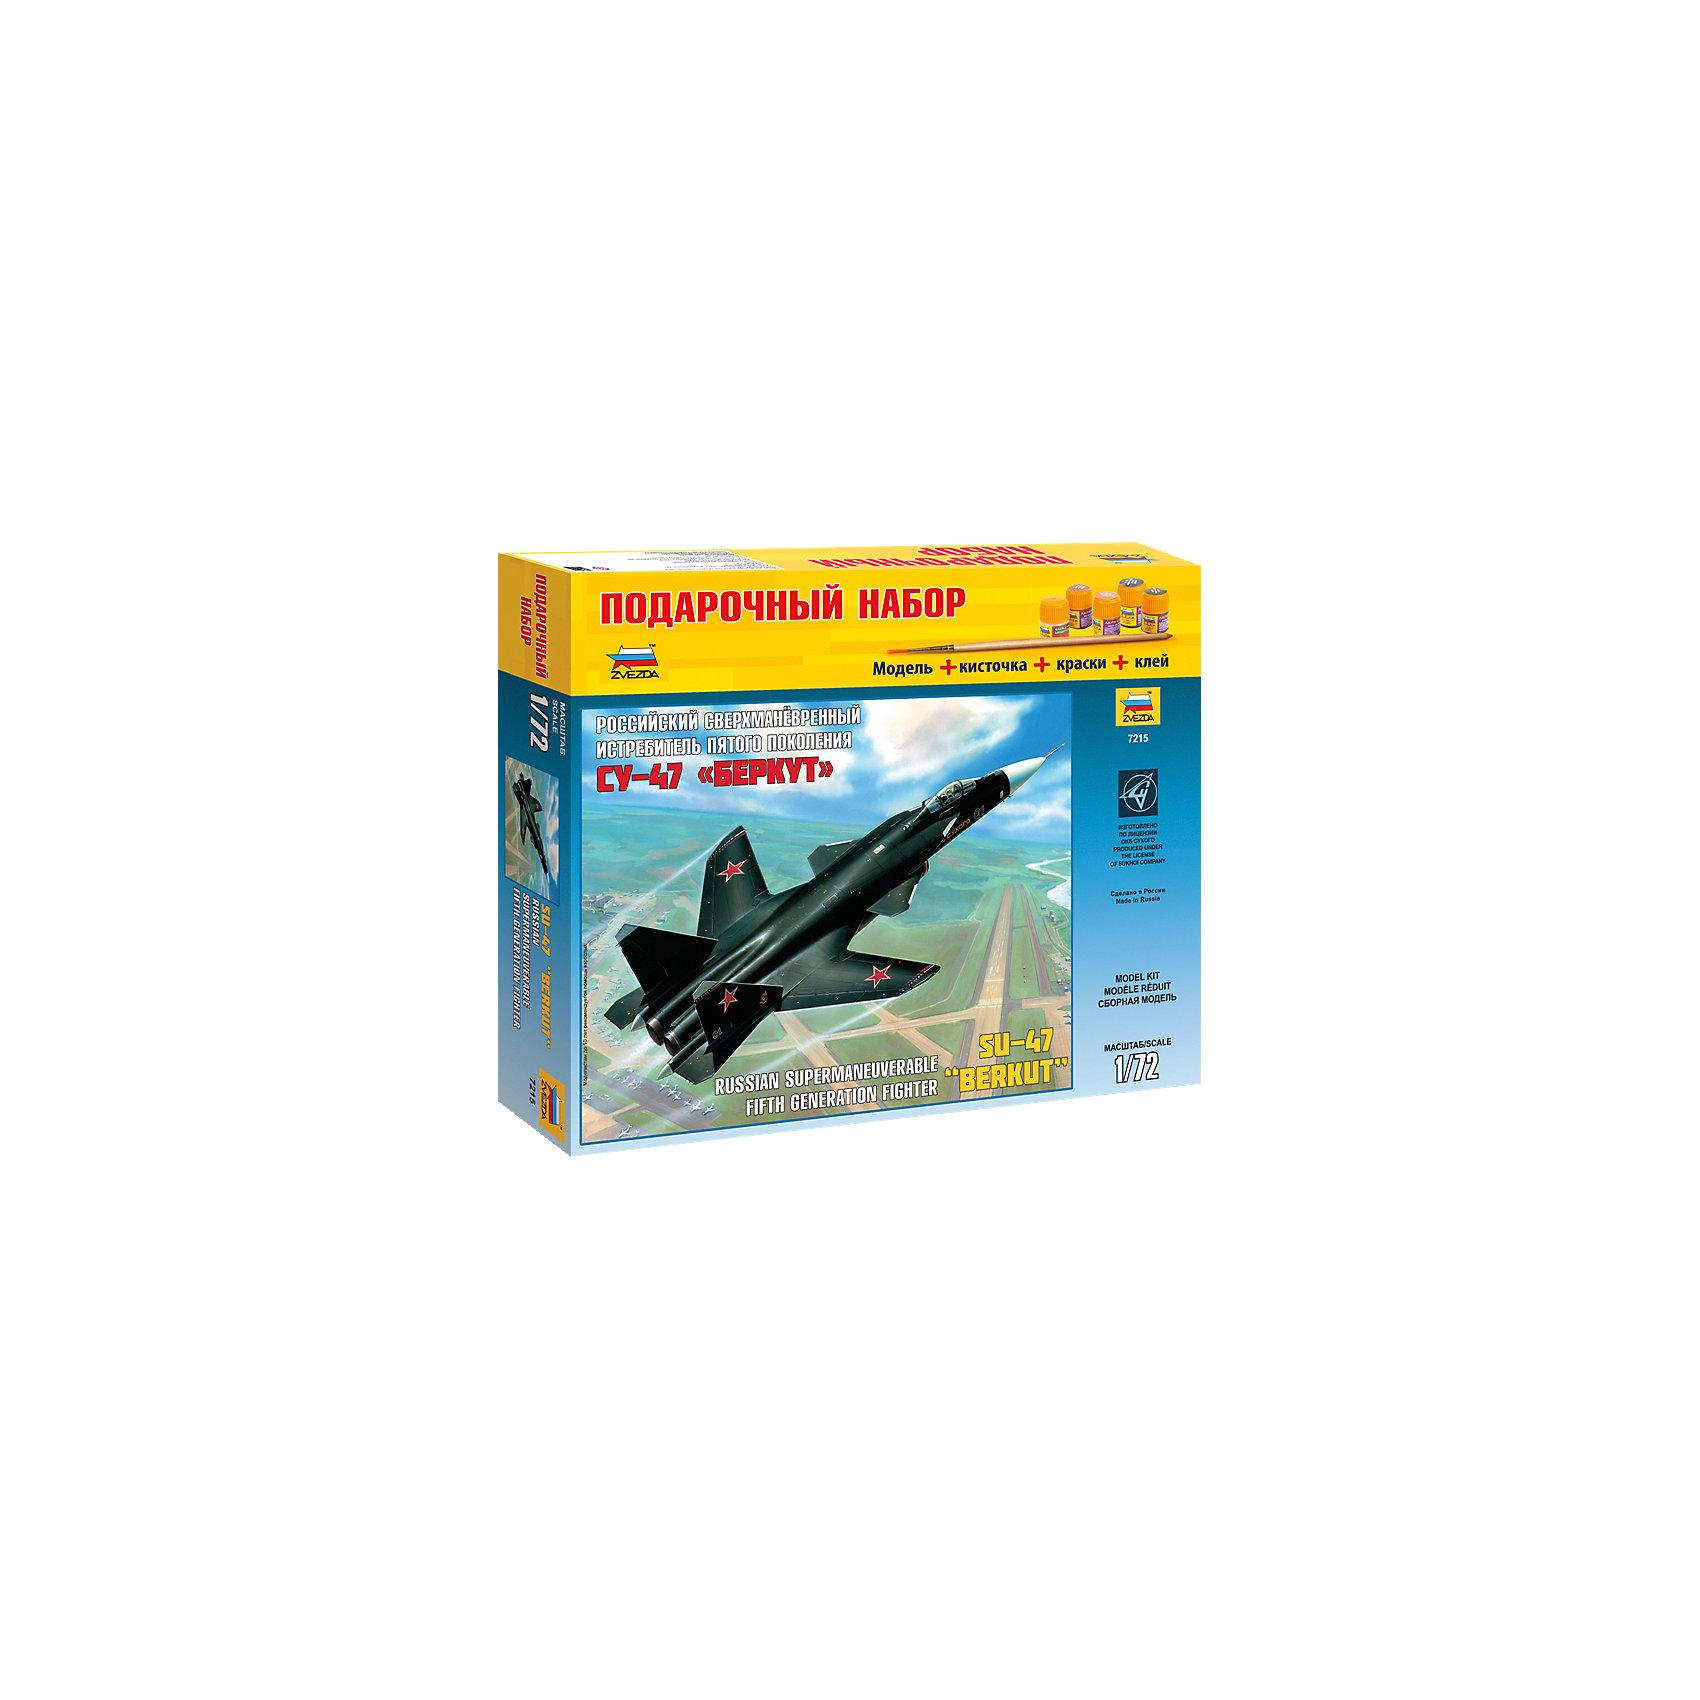 Сборная модель Звезда Самолет СУ Беркут, 1:72 (подарочный набор)Модели для склеивания<br>Набор подарочный-сборка Самолет СУ-47 Беркут (Россия)<br><br>Ширина мм: 470<br>Глубина мм: 70<br>Высота мм: 245<br>Вес г: 750<br>Возраст от месяцев: 36<br>Возраст до месяцев: 180<br>Пол: Мужской<br>Возраст: Детский<br>SKU: 7086527